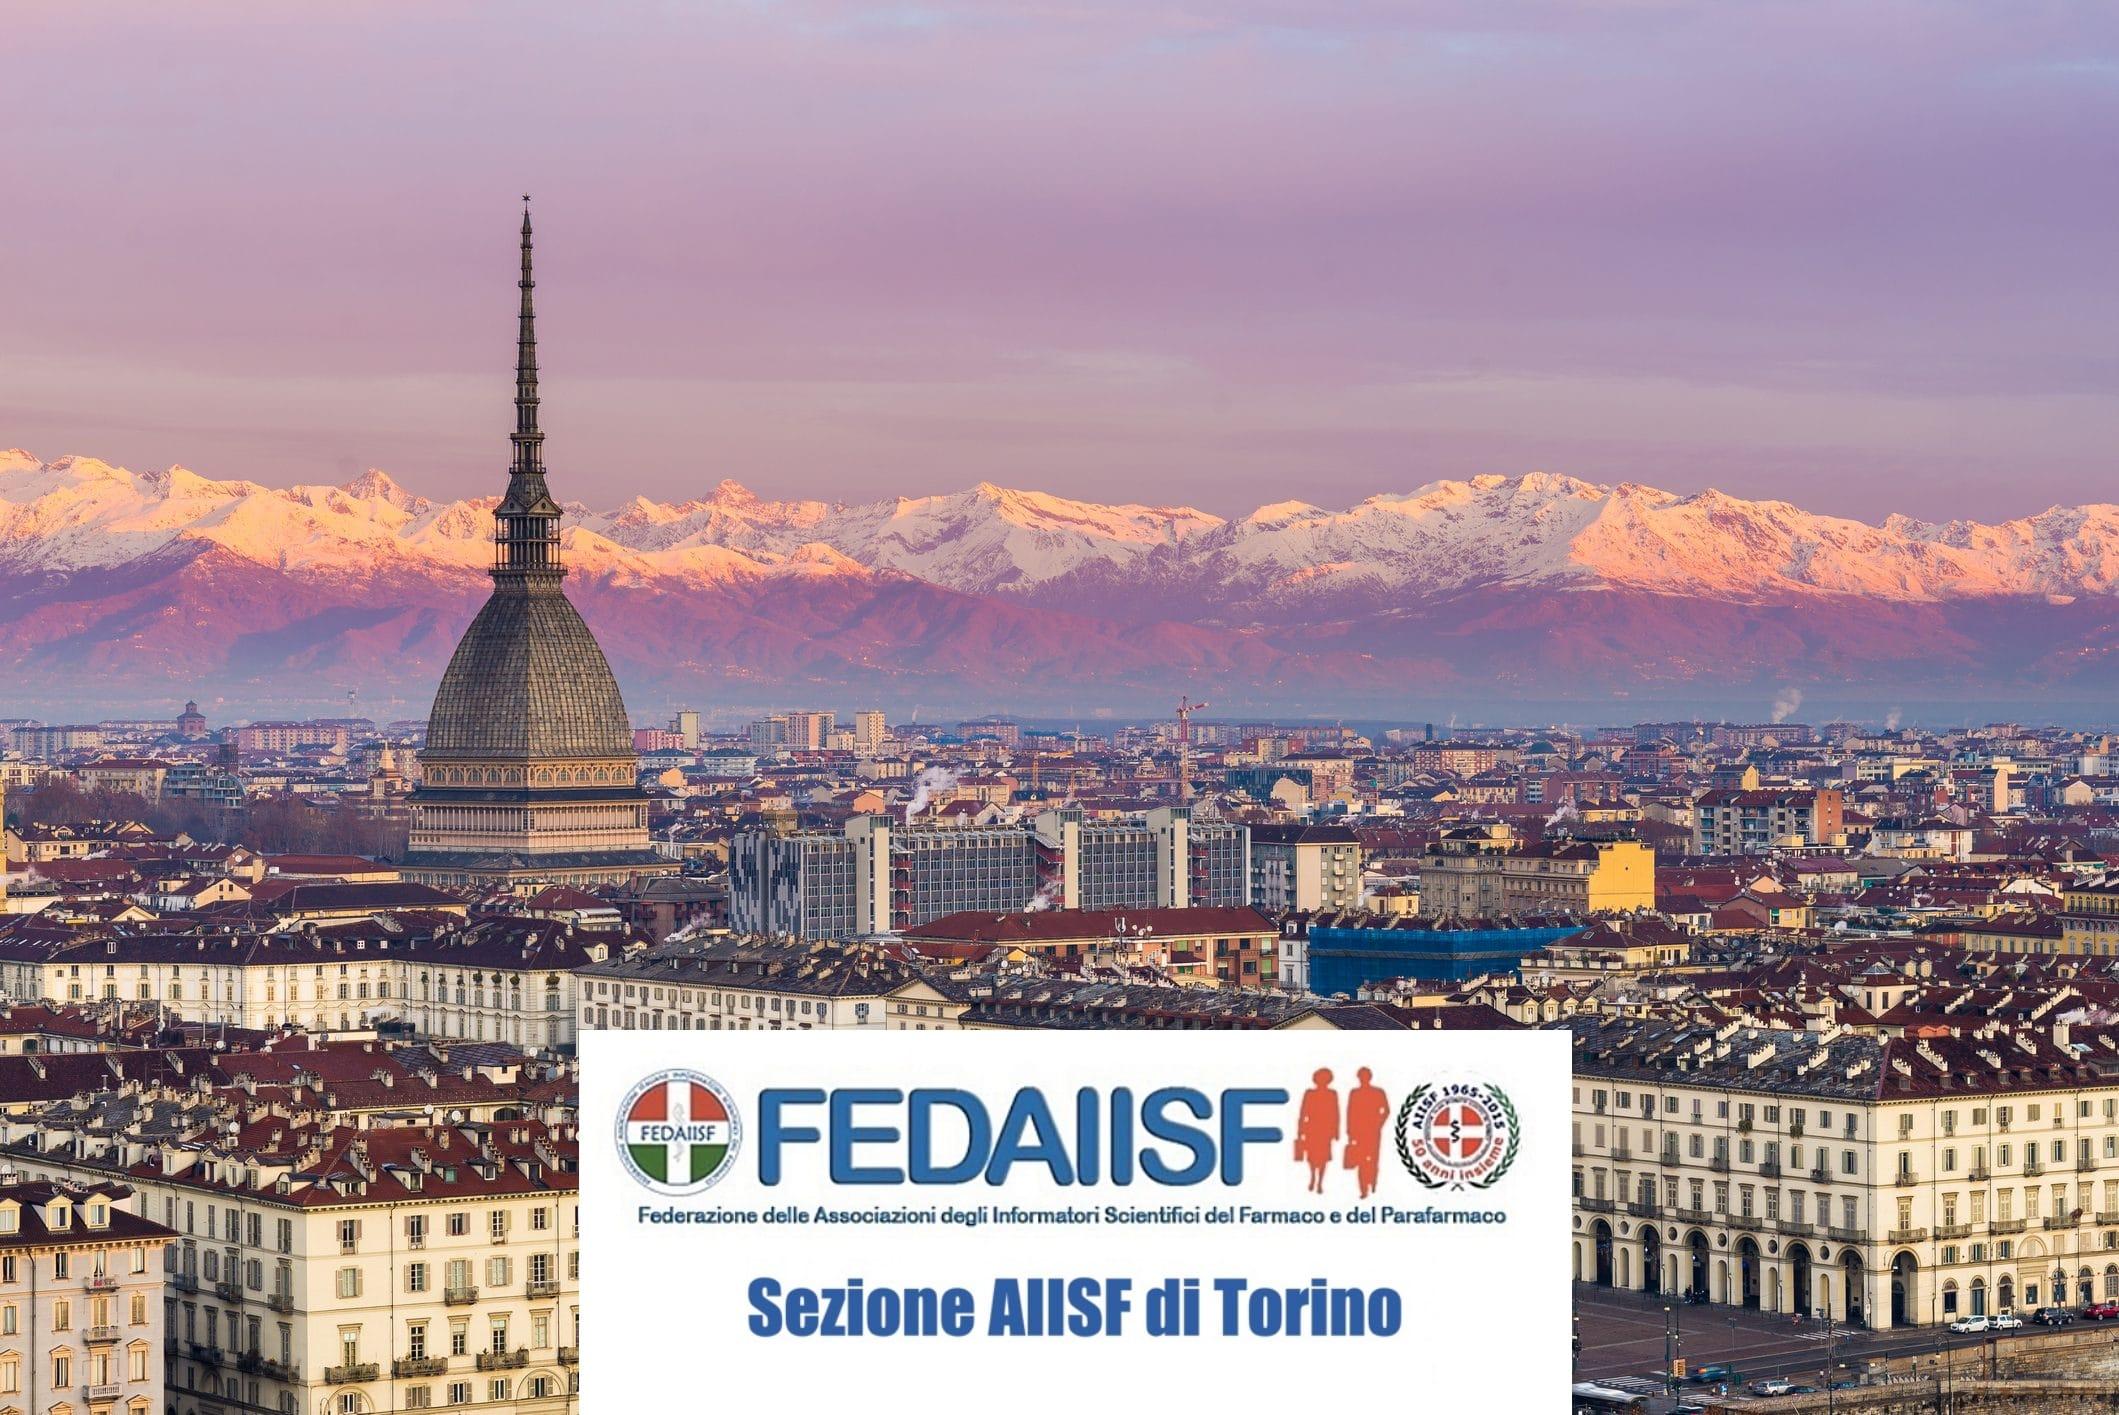 Torino. Rinasce la Sezione AIISF, federata Fedaiisf